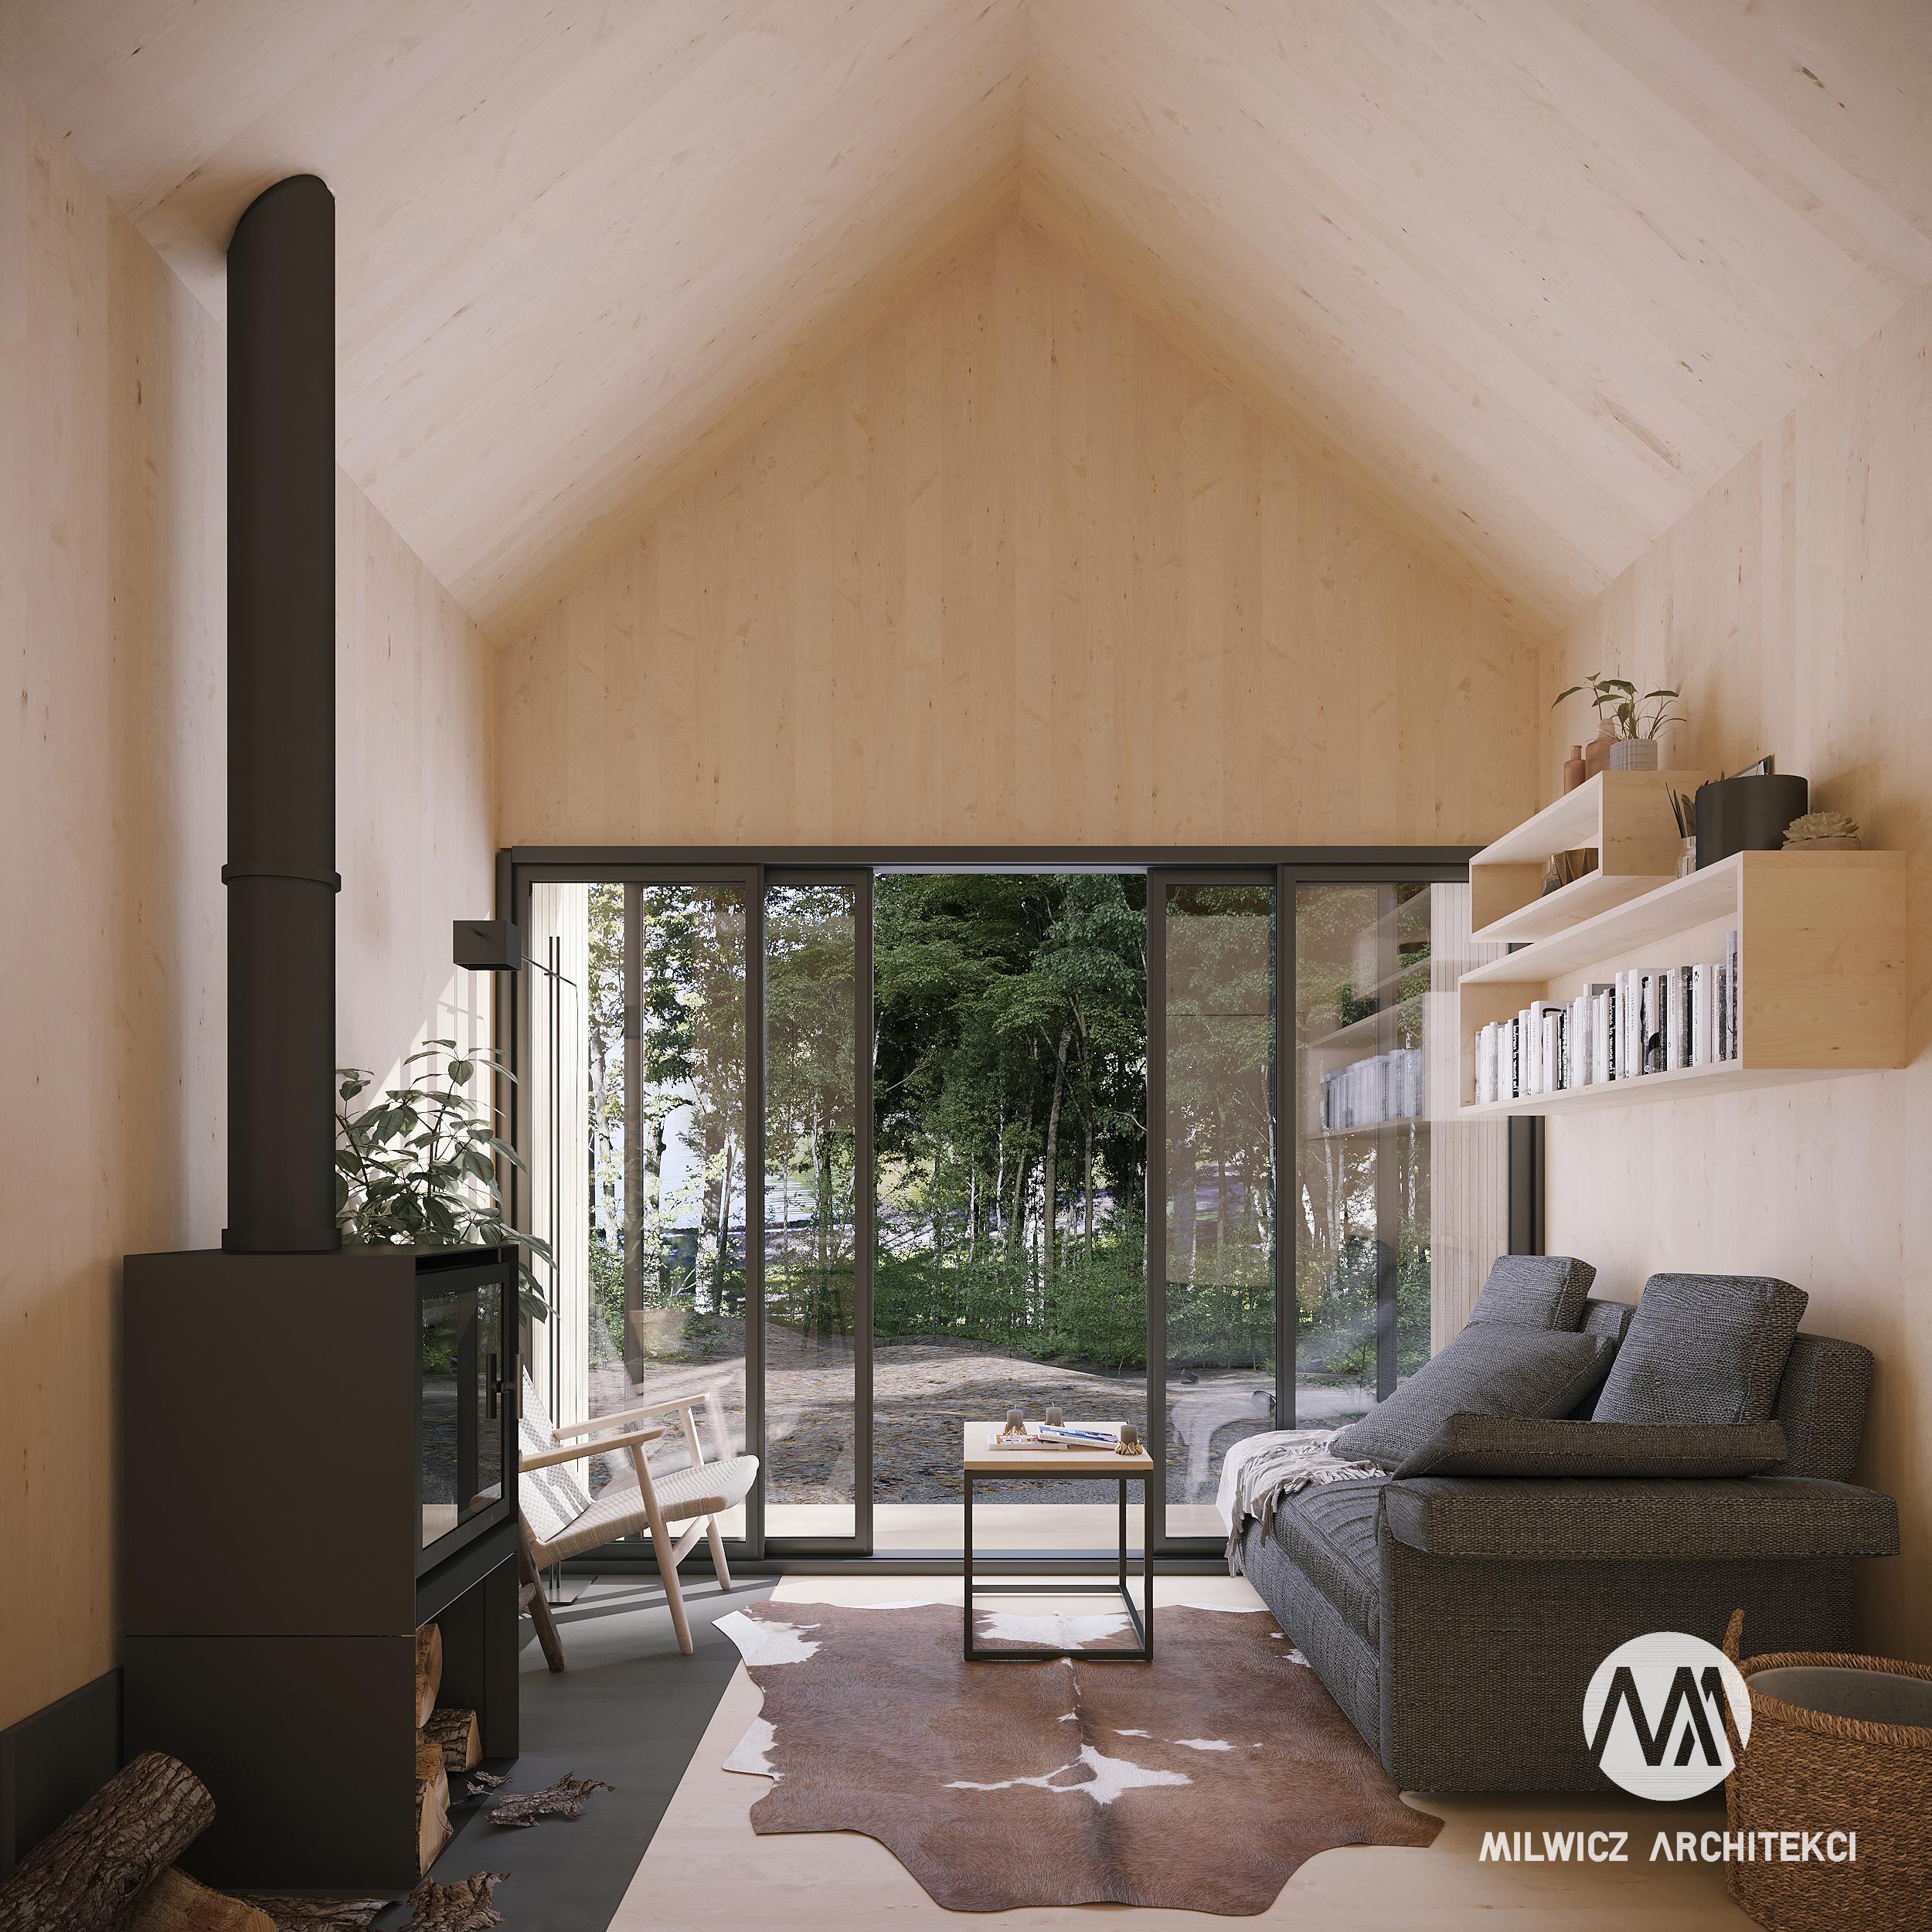 D16, projekty do 35m2, projekty wnętrz, projekt bez pozwolenia, dom na zgłoszenie, nowoczesna stodoła, kominek